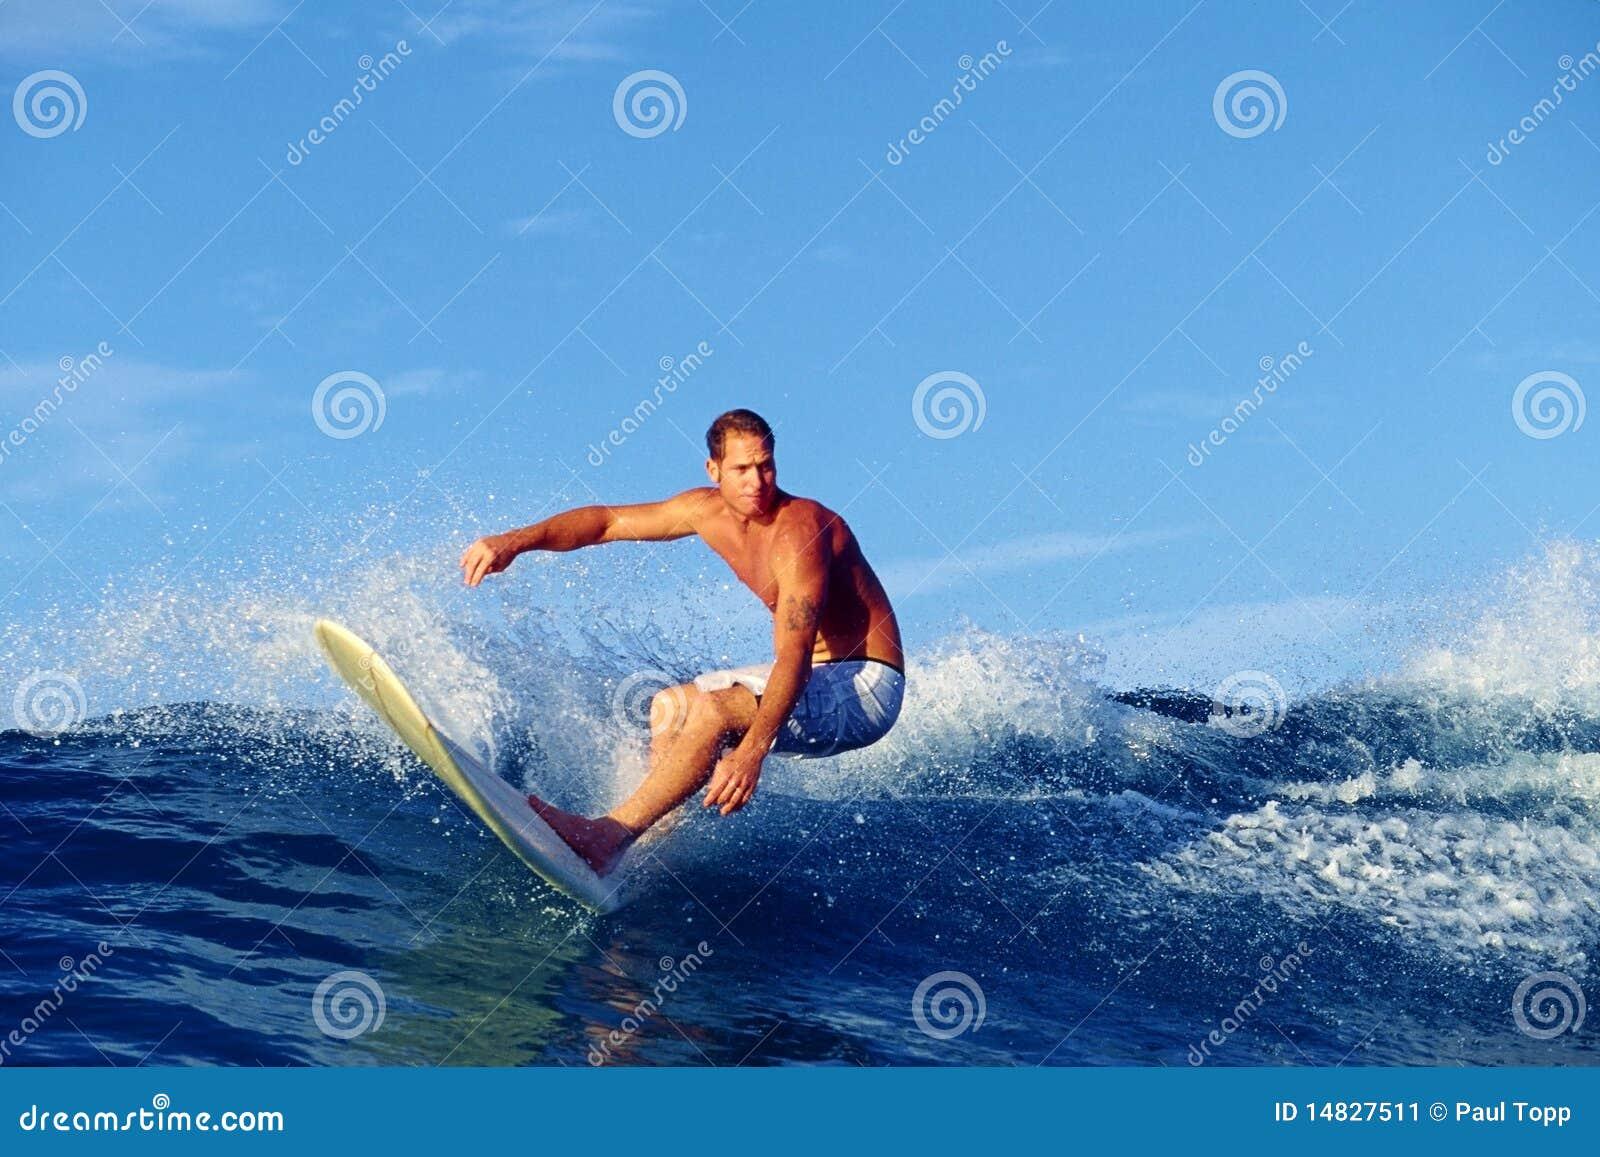 Chris Gagnon, das in Waikiki Hawaii surft